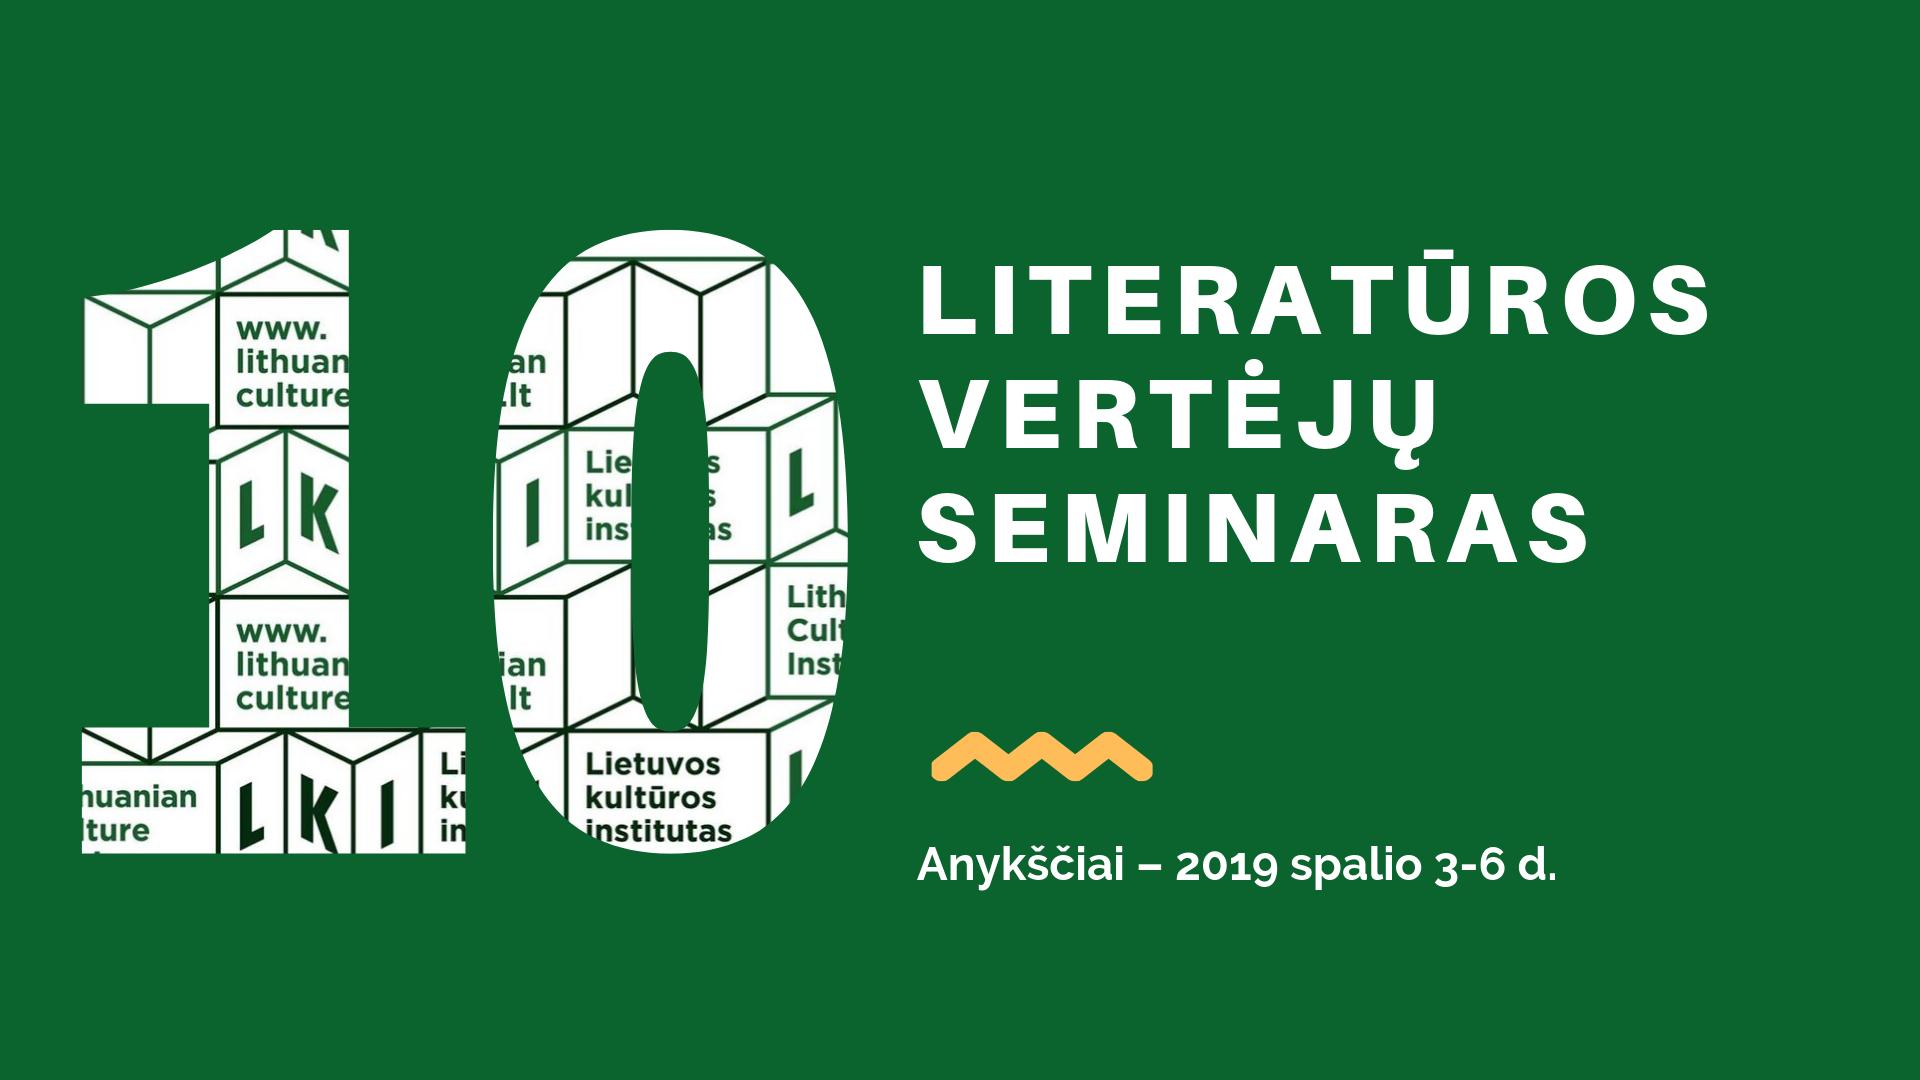 Literatūros vertėjų seminaras'19